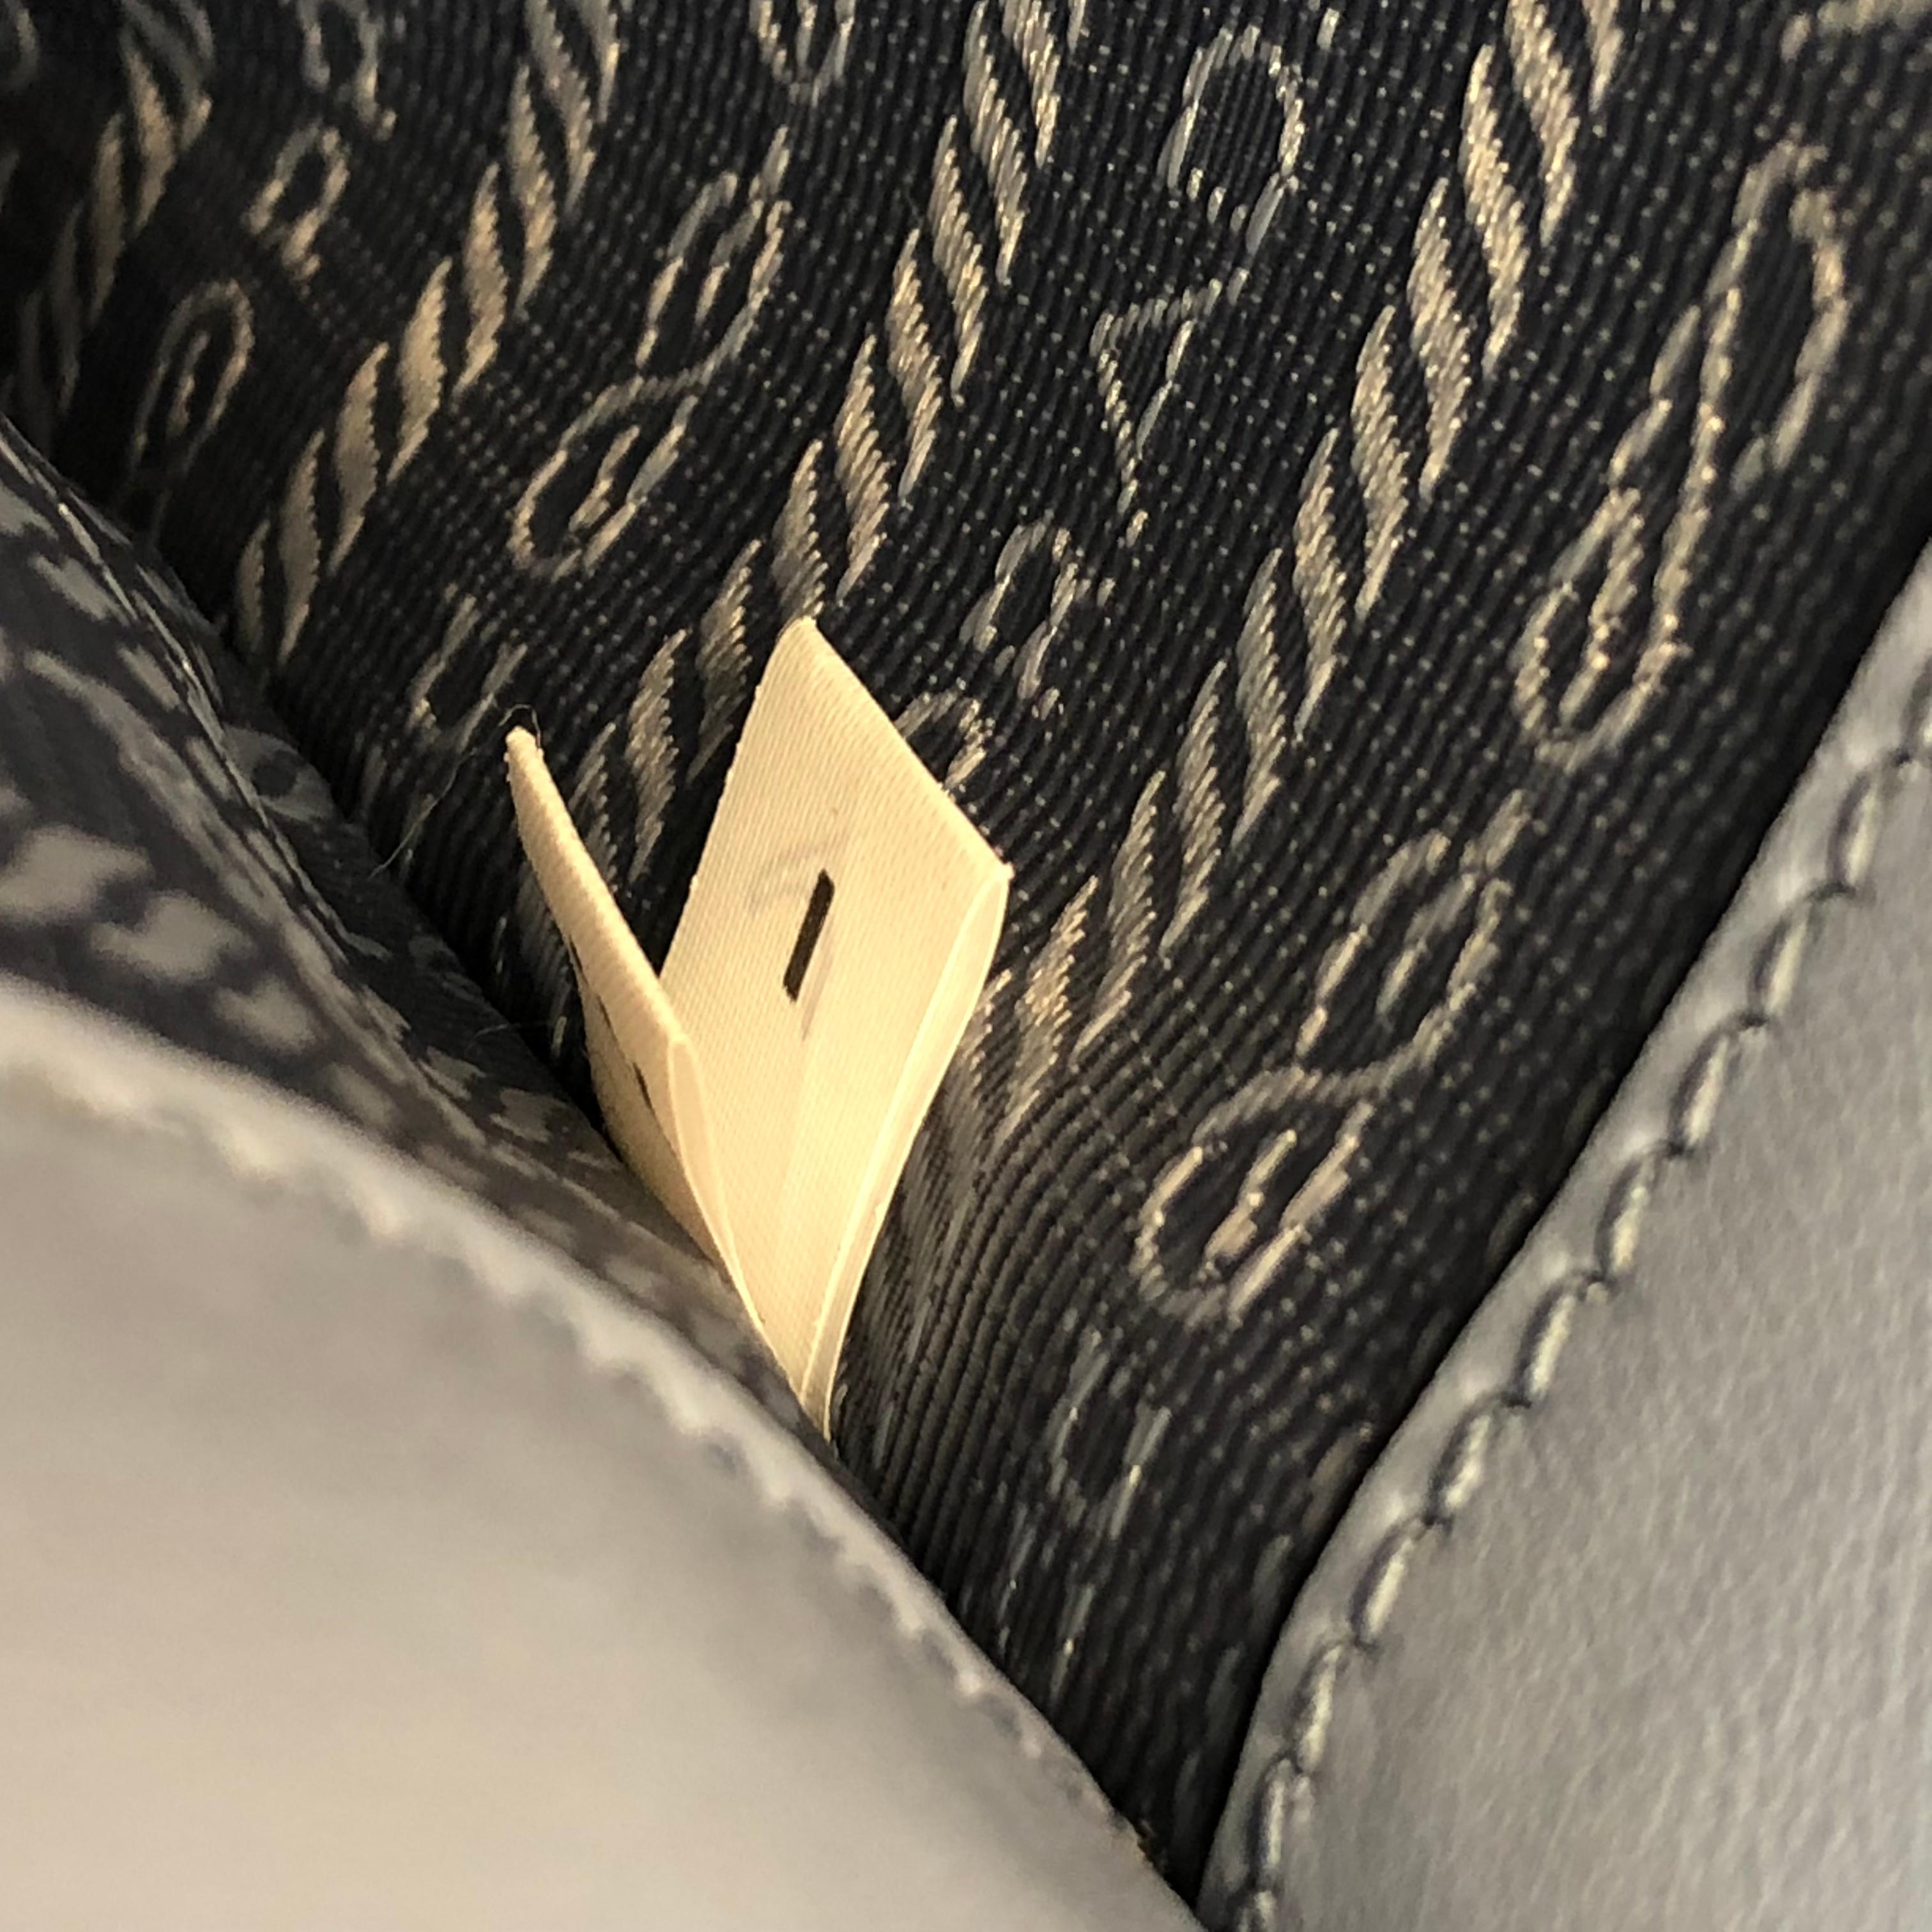 744db56e3c9e ... norway prada monochrome tote saffiano leather with city calfskin small  for sale 3 bb8a3 3ab29